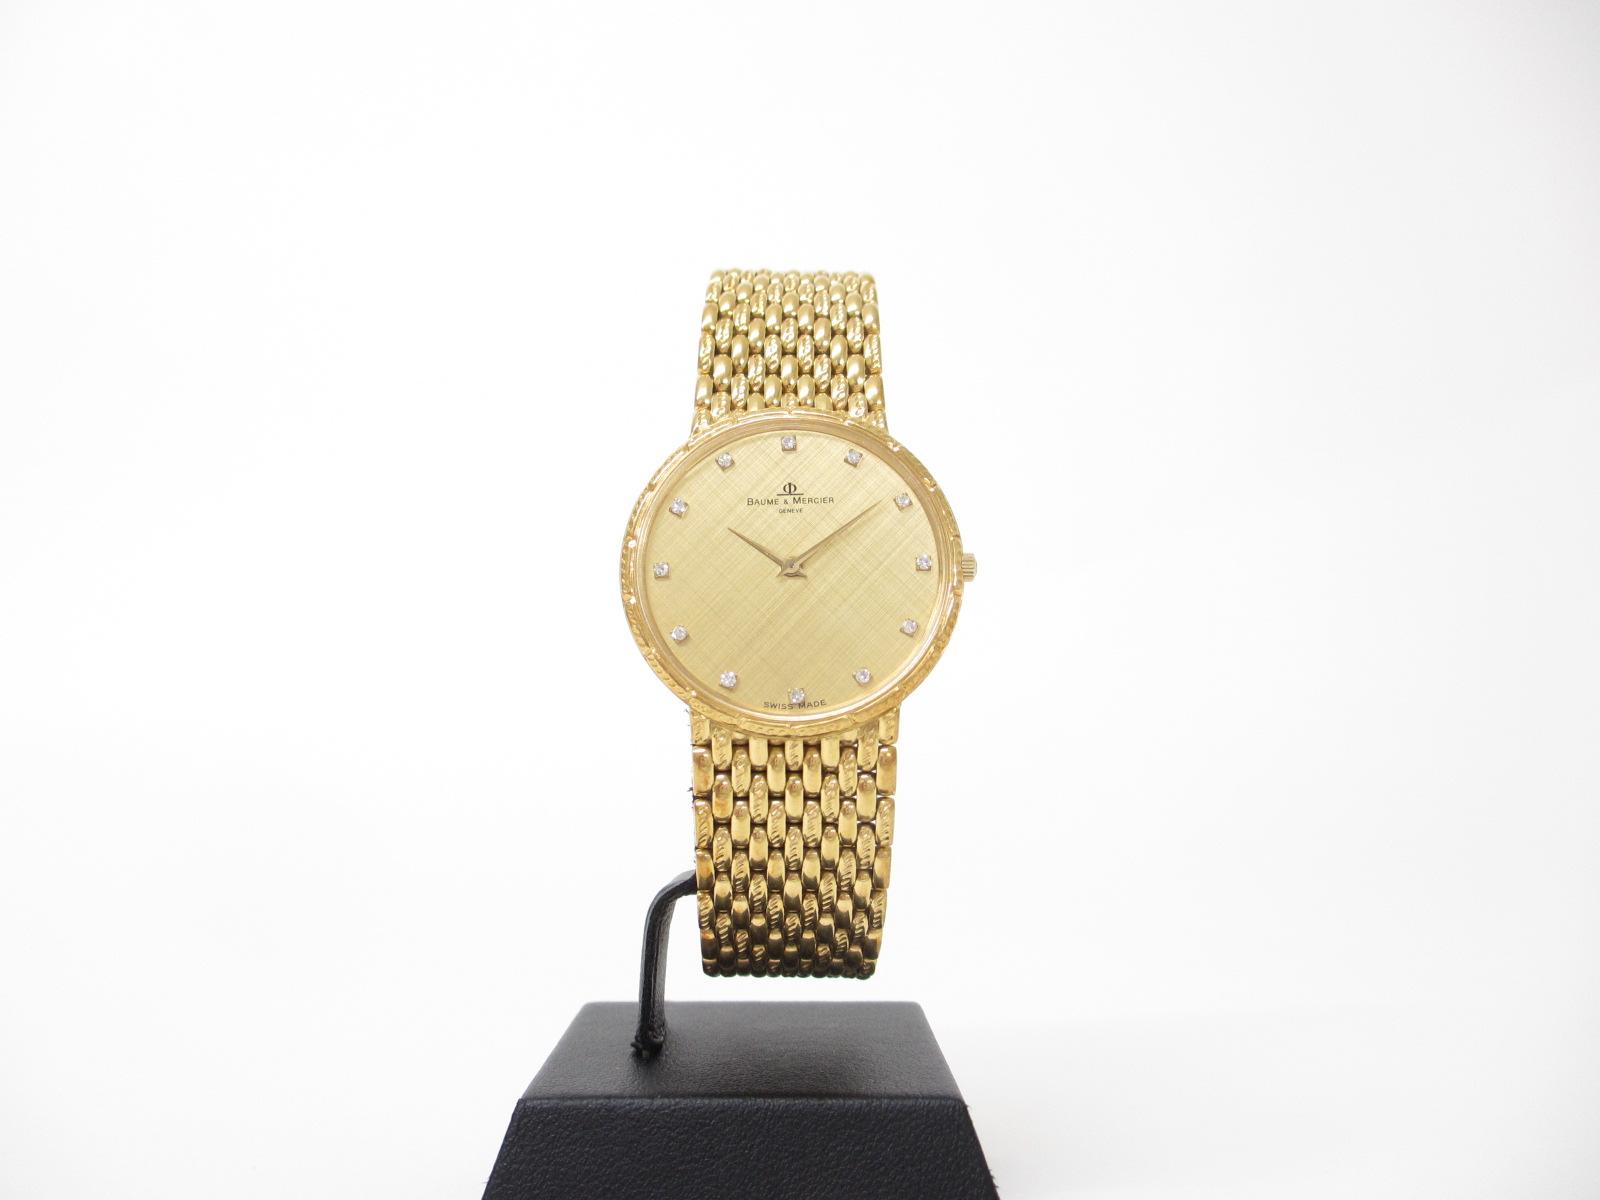 ボーム&メルシエ メンズ腕時計 金無垢 12Pダイヤ